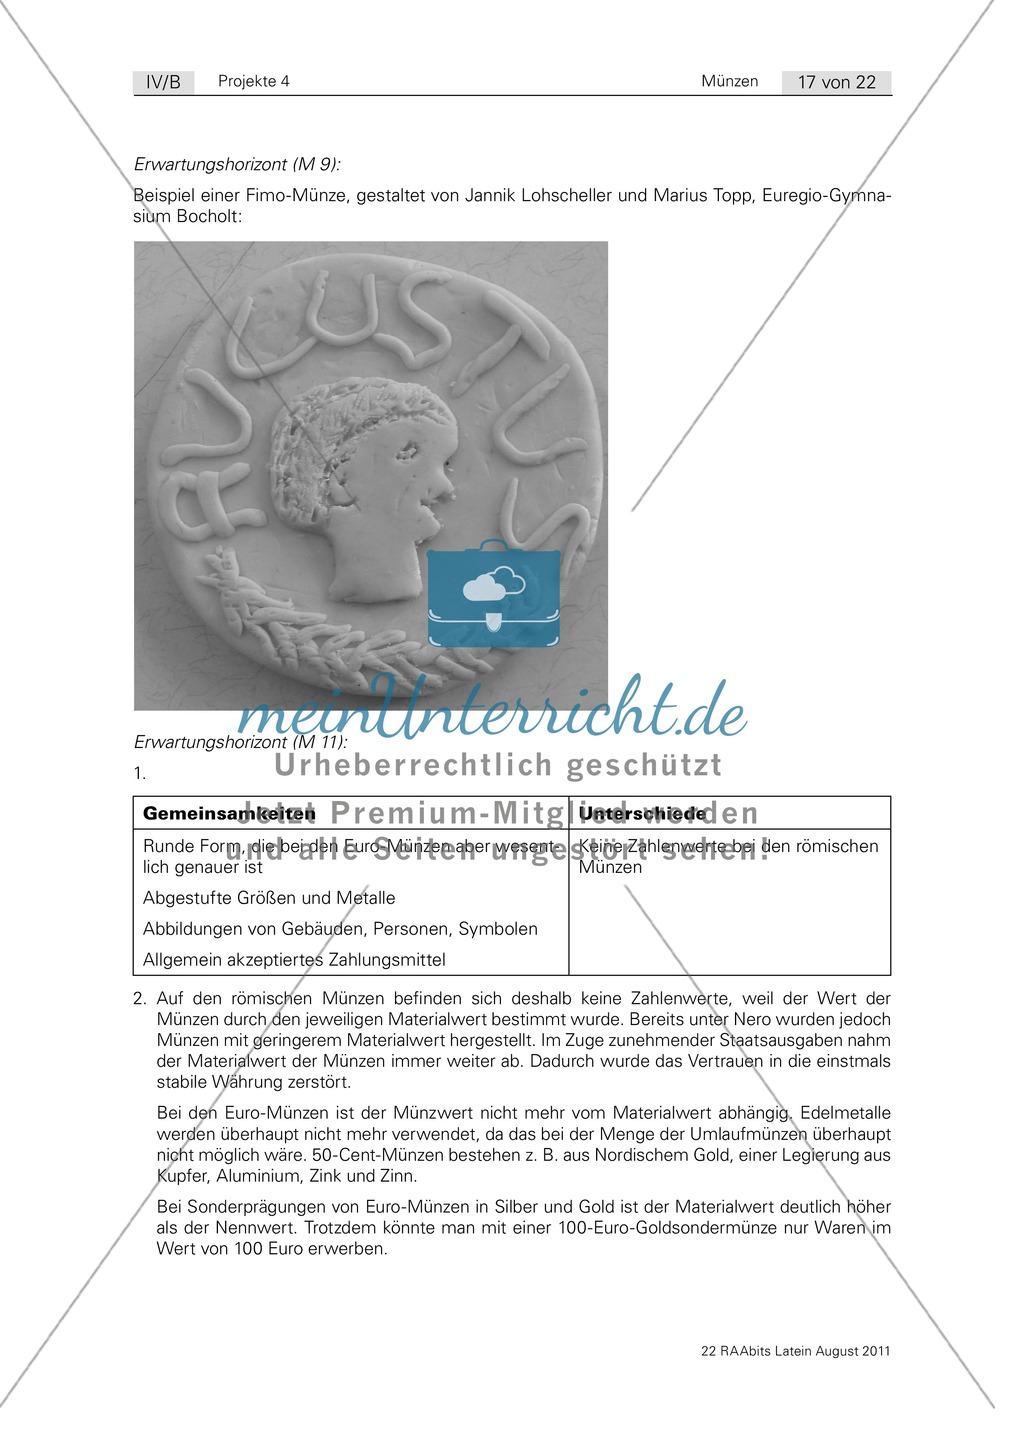 Gestaltung einer eigenen römischen Münze sowie Euro-Münze und römische Münze im Vergleich. Mit Informationstext zur Münzherstellung, Bildern und didaktischen Anmerkungen. Preview 5